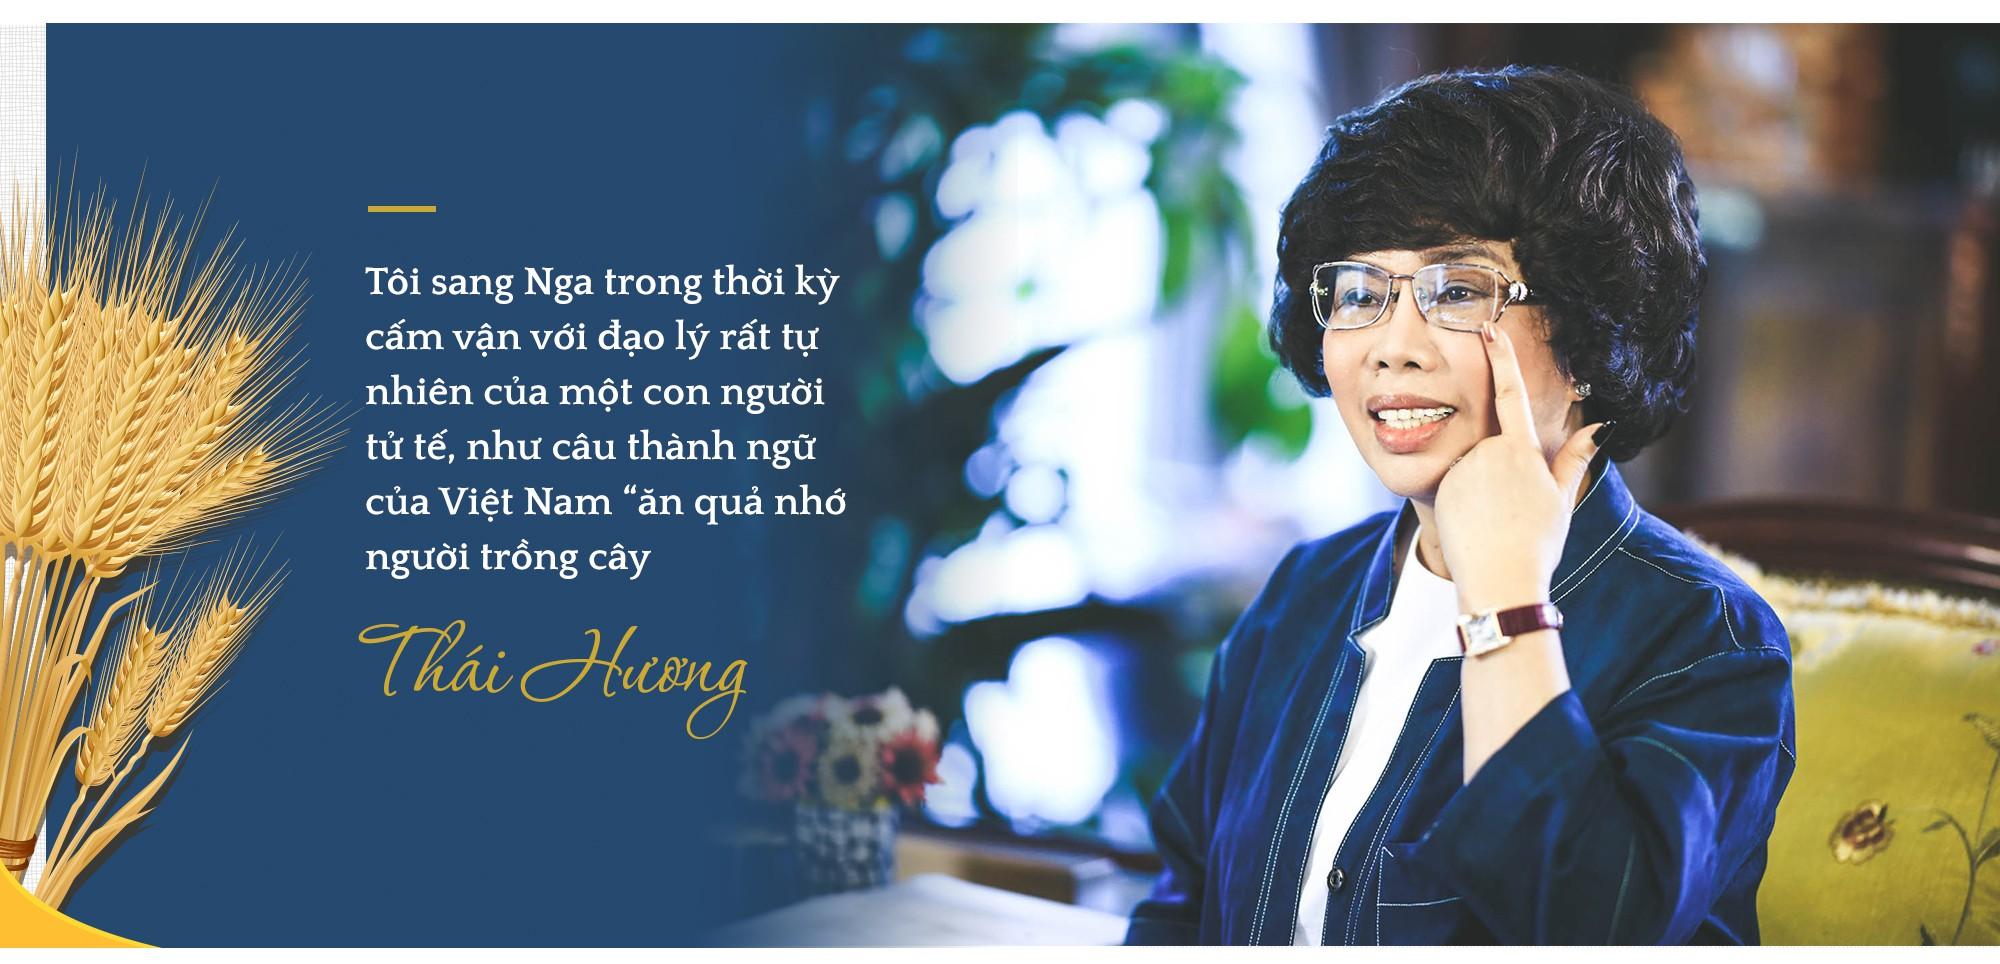 """Bà Thái Hương: Tôi mang sang Nga 3 giá trị nghiêm túc, chân chính và kiêu hãnh"""" - Ảnh 16."""